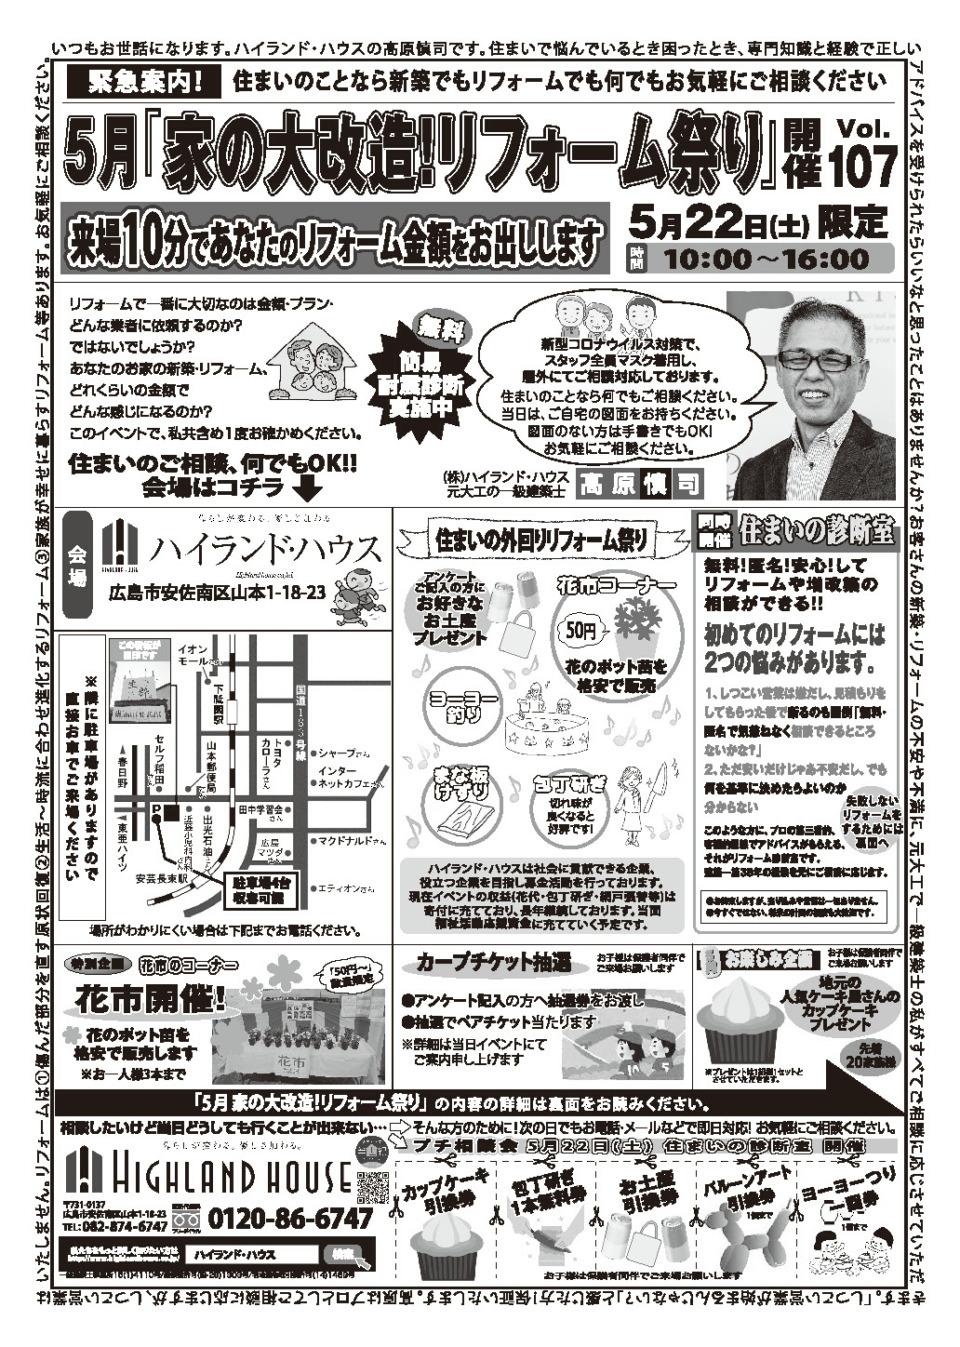 5月イベント「家の大改造!リフォーム祭り」開催